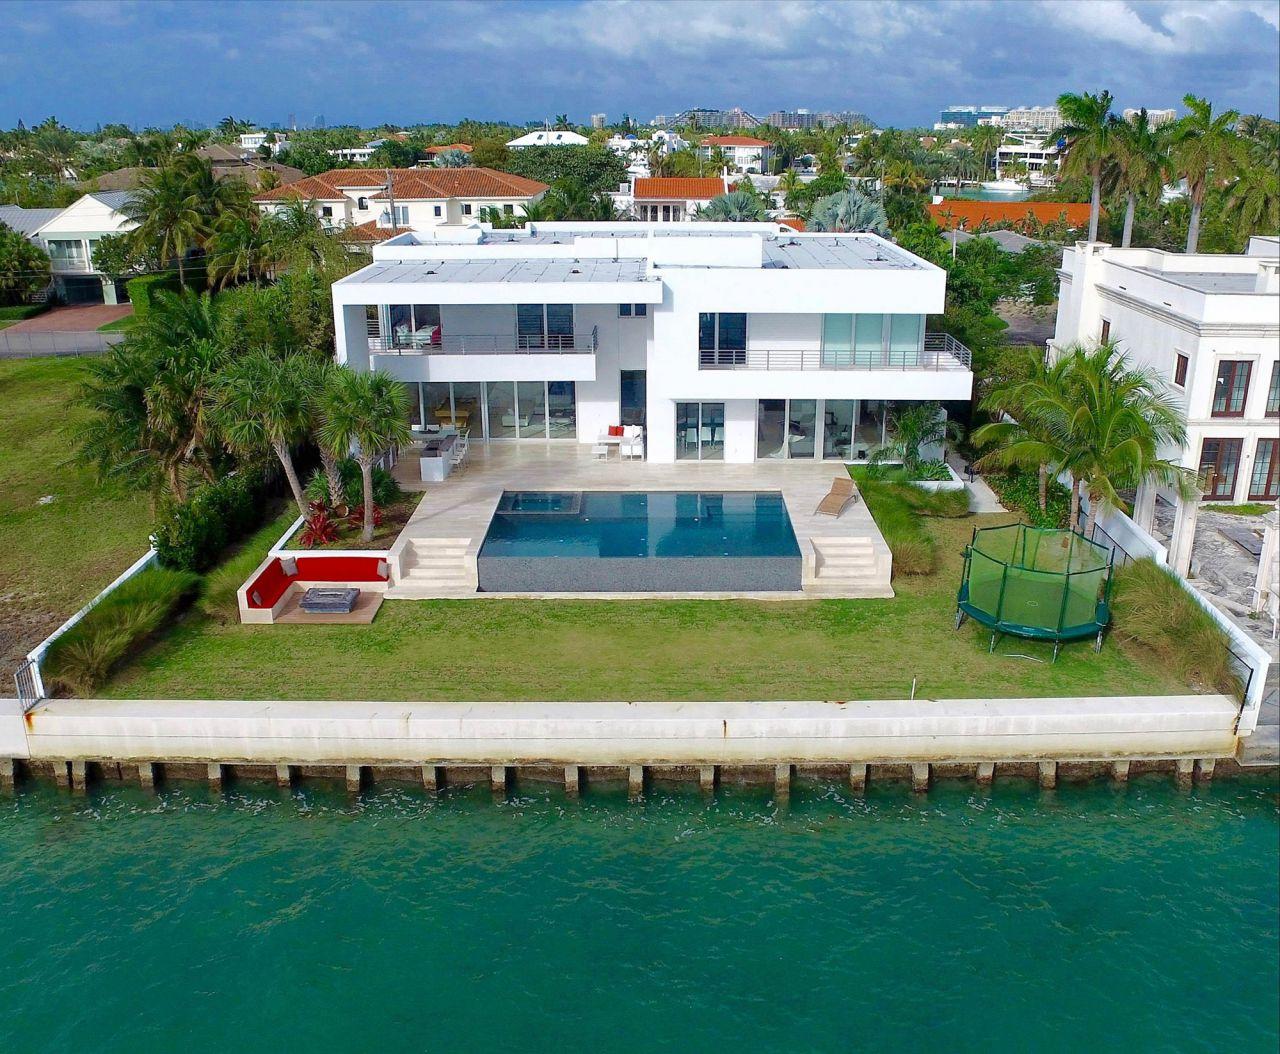 Mashta Island Modern Home